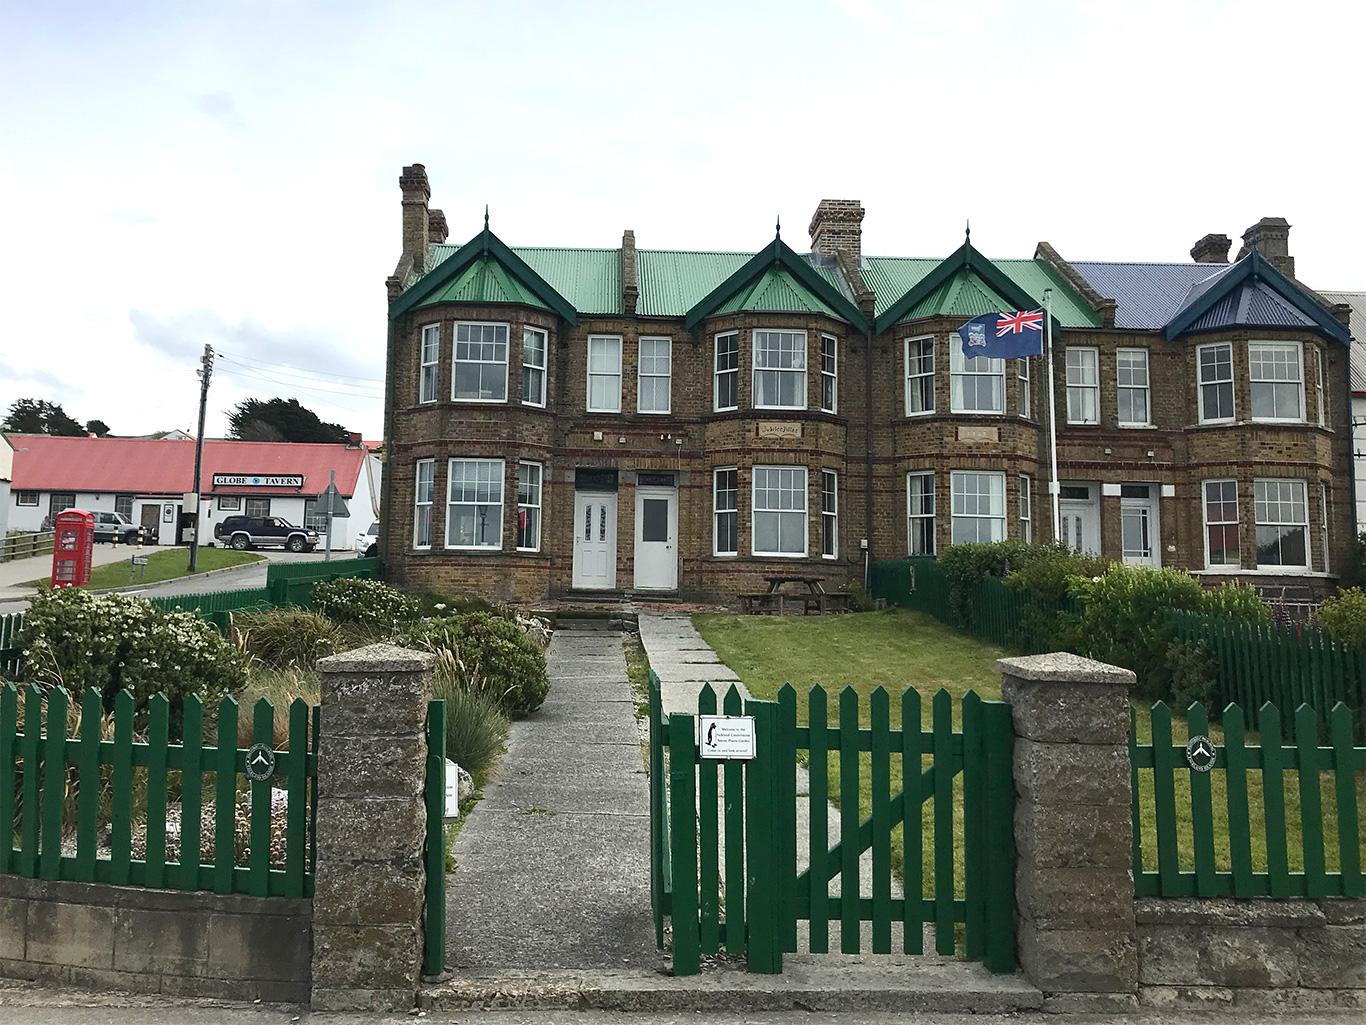 Port Stanley houses, Port Stanley, Falkland Islands.